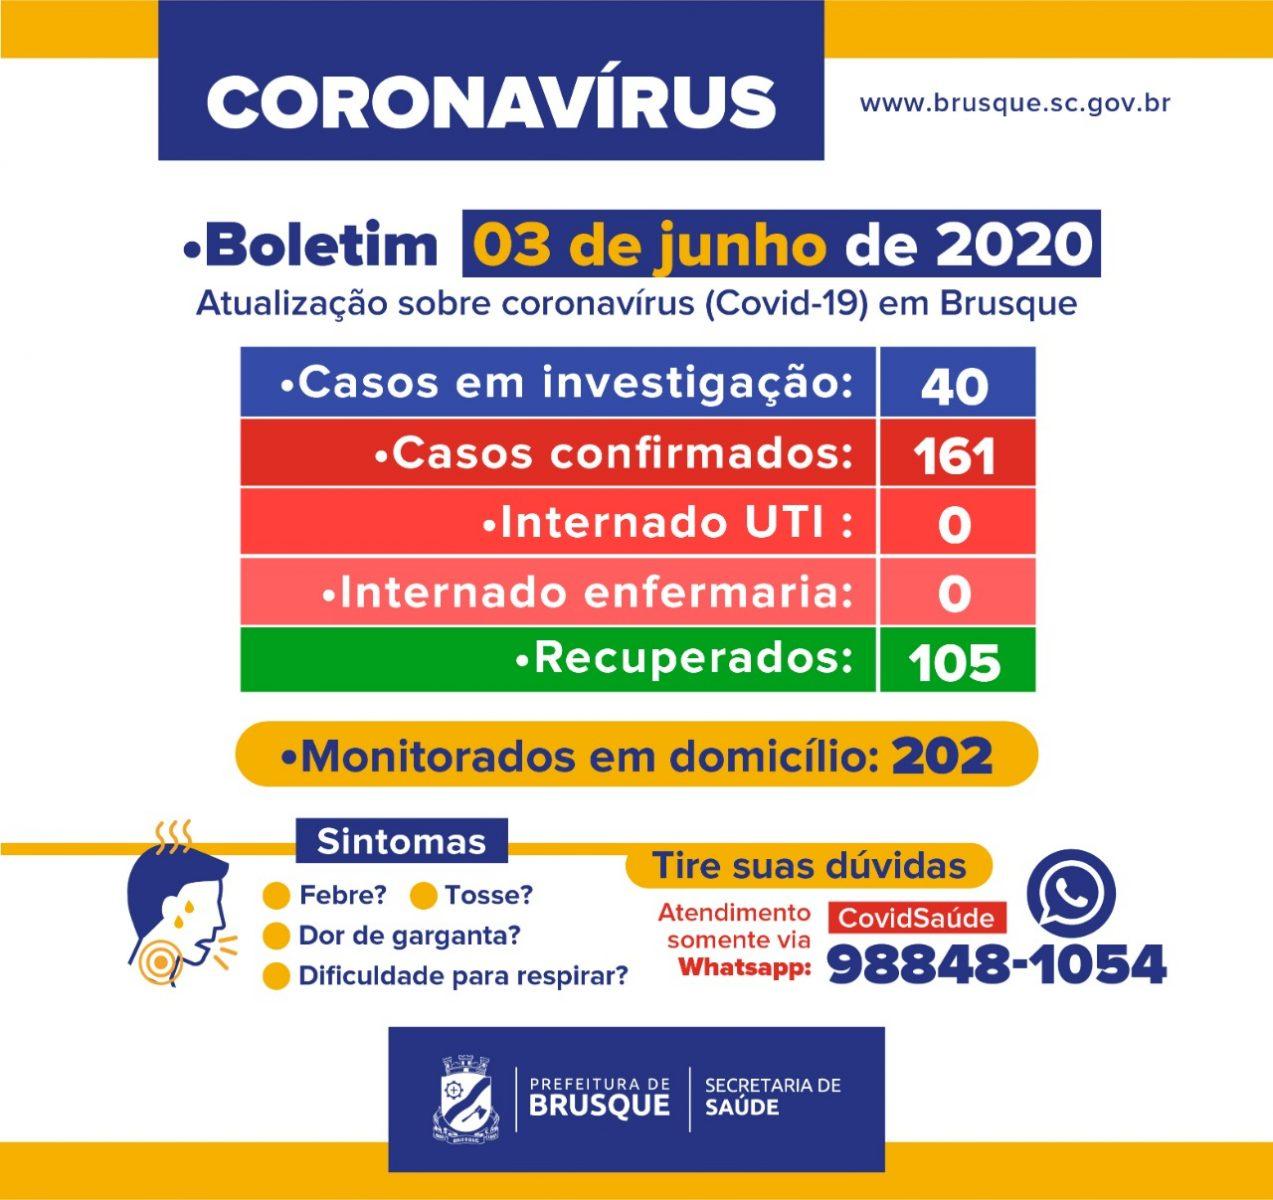 Confira o Boletim Epidemiológico da Prefeitura de Brusque desta quarta-feira (03)